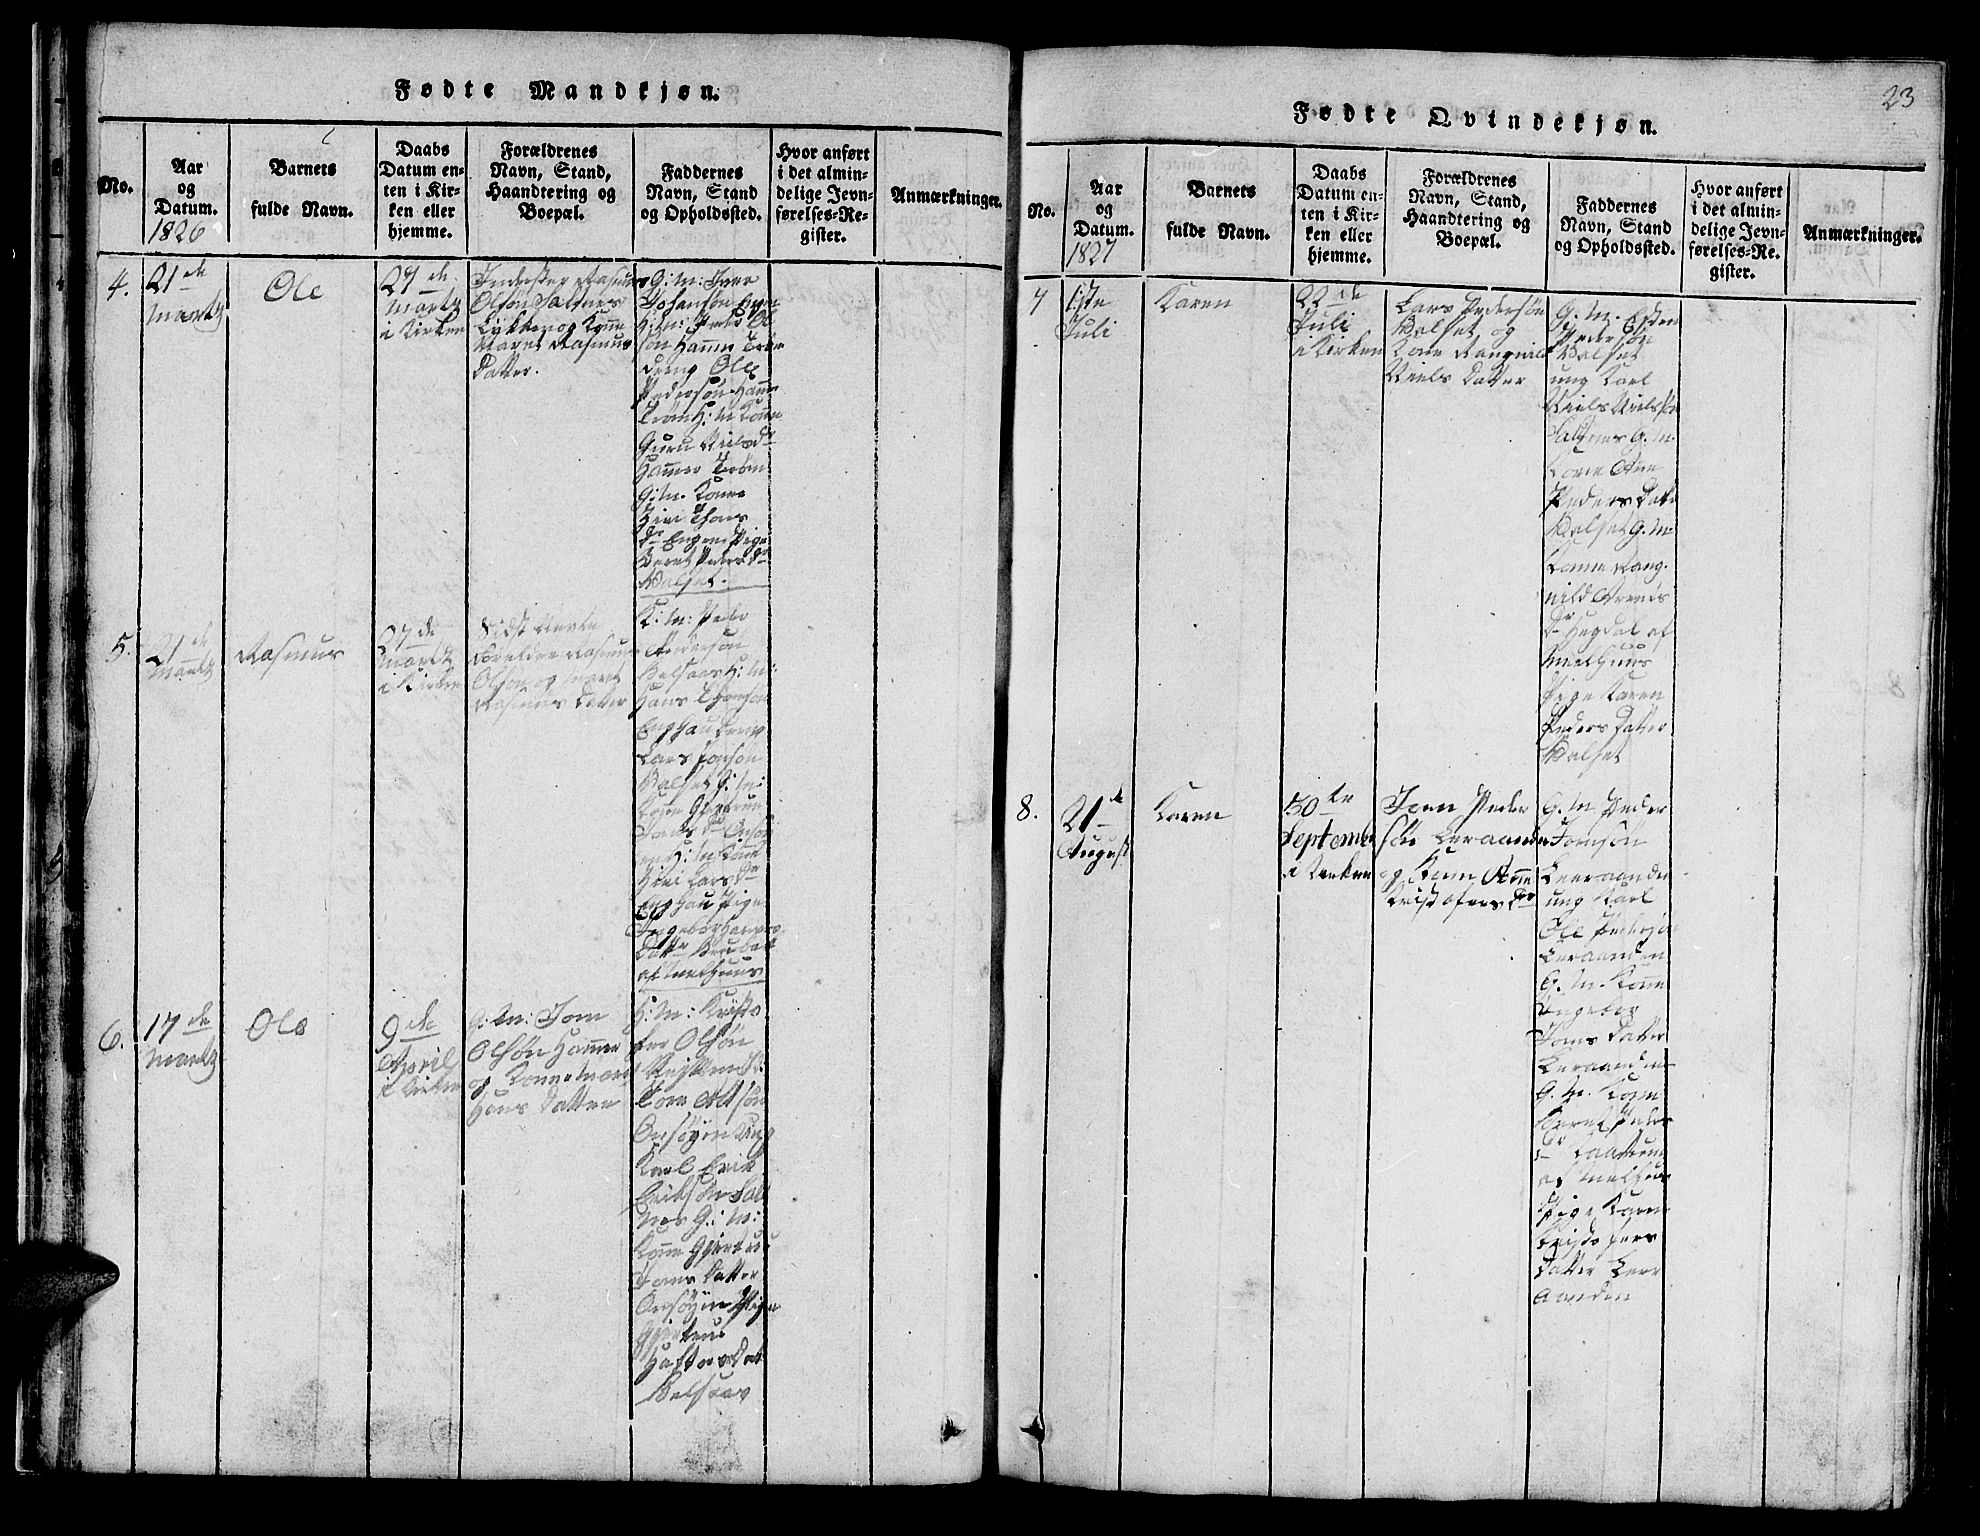 SAT, Ministerialprotokoller, klokkerbøker og fødselsregistre - Sør-Trøndelag, 666/L0788: Klokkerbok nr. 666C01, 1816-1847, s. 23